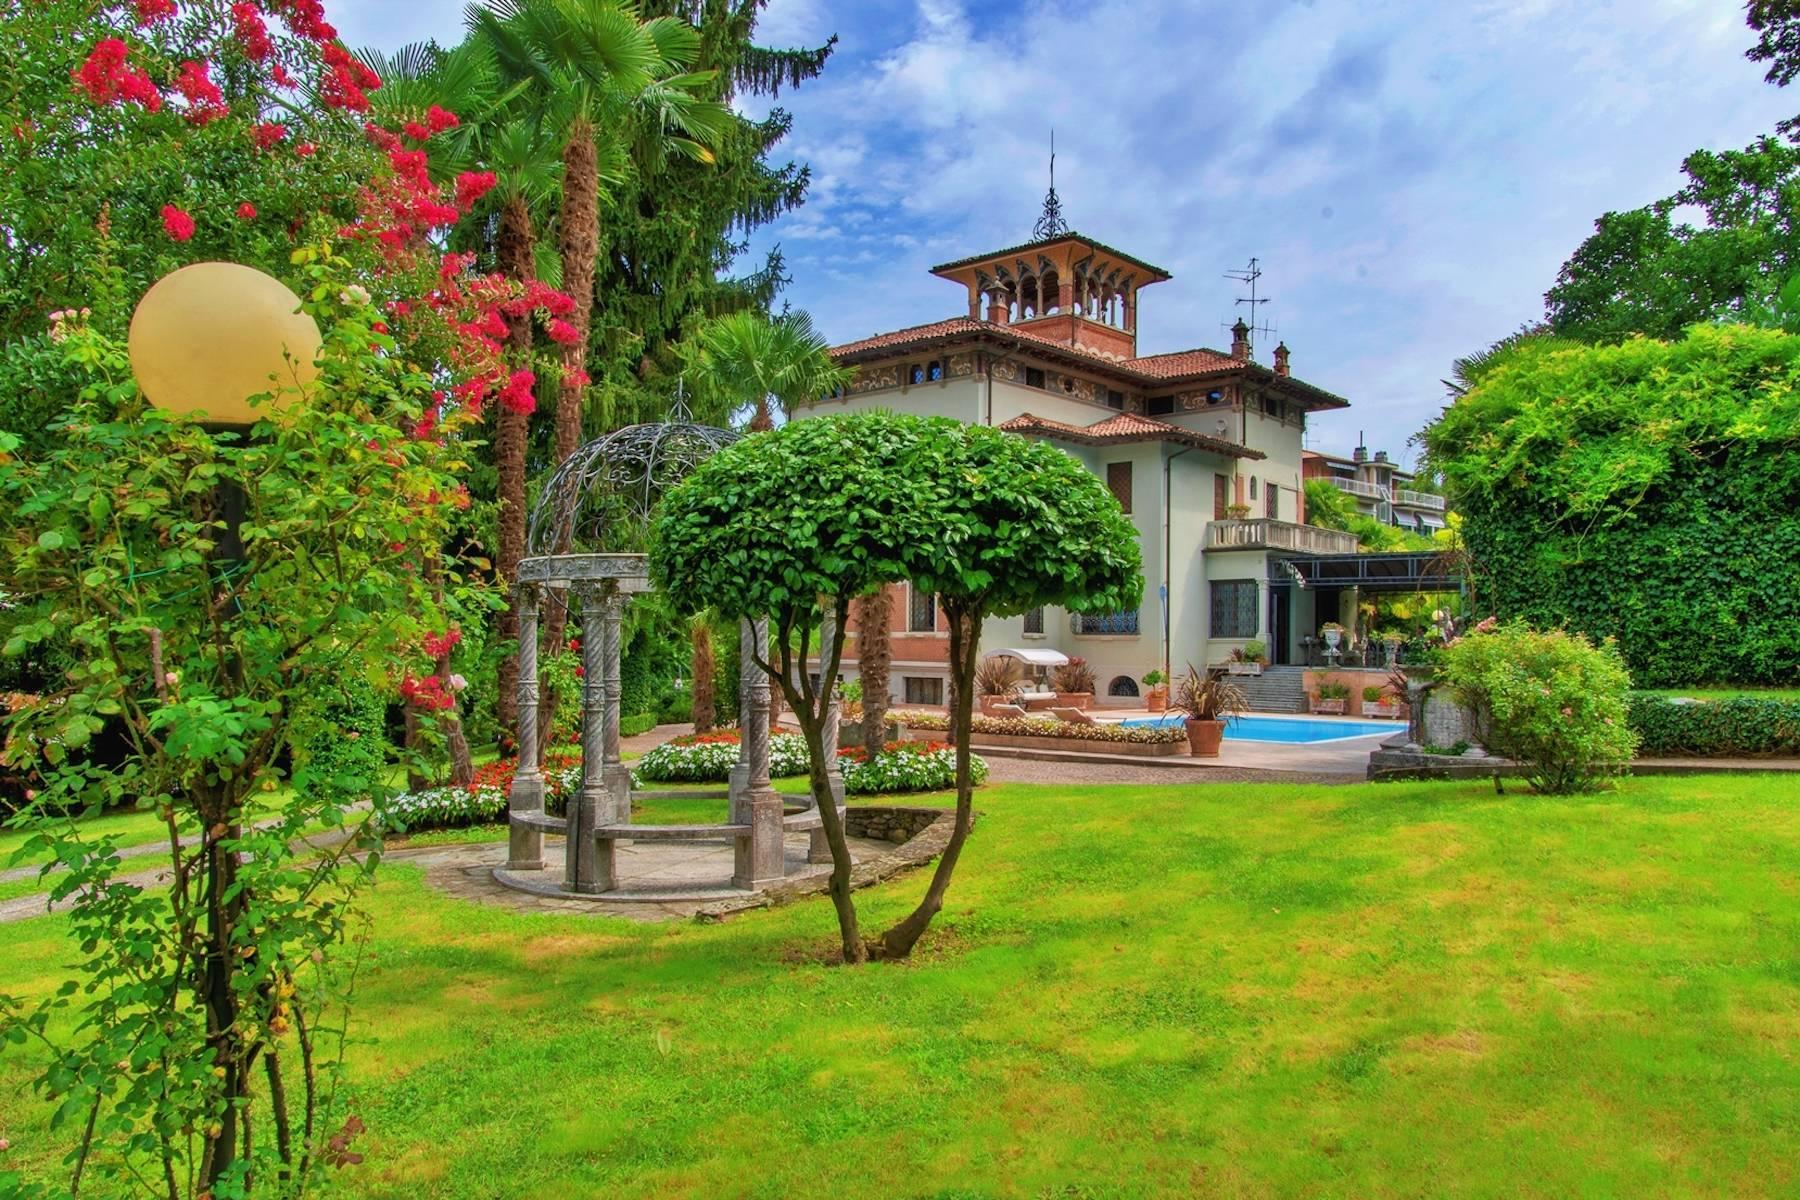 Maestosa villa d'epoca con piscina e torretta nel cuore di Stresa - 5